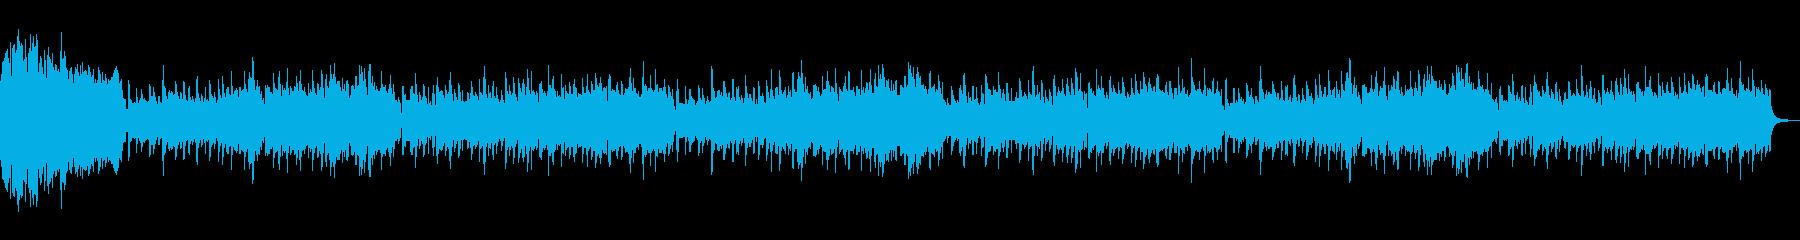 和やか-1=2パターン繰り返しの再生済みの波形